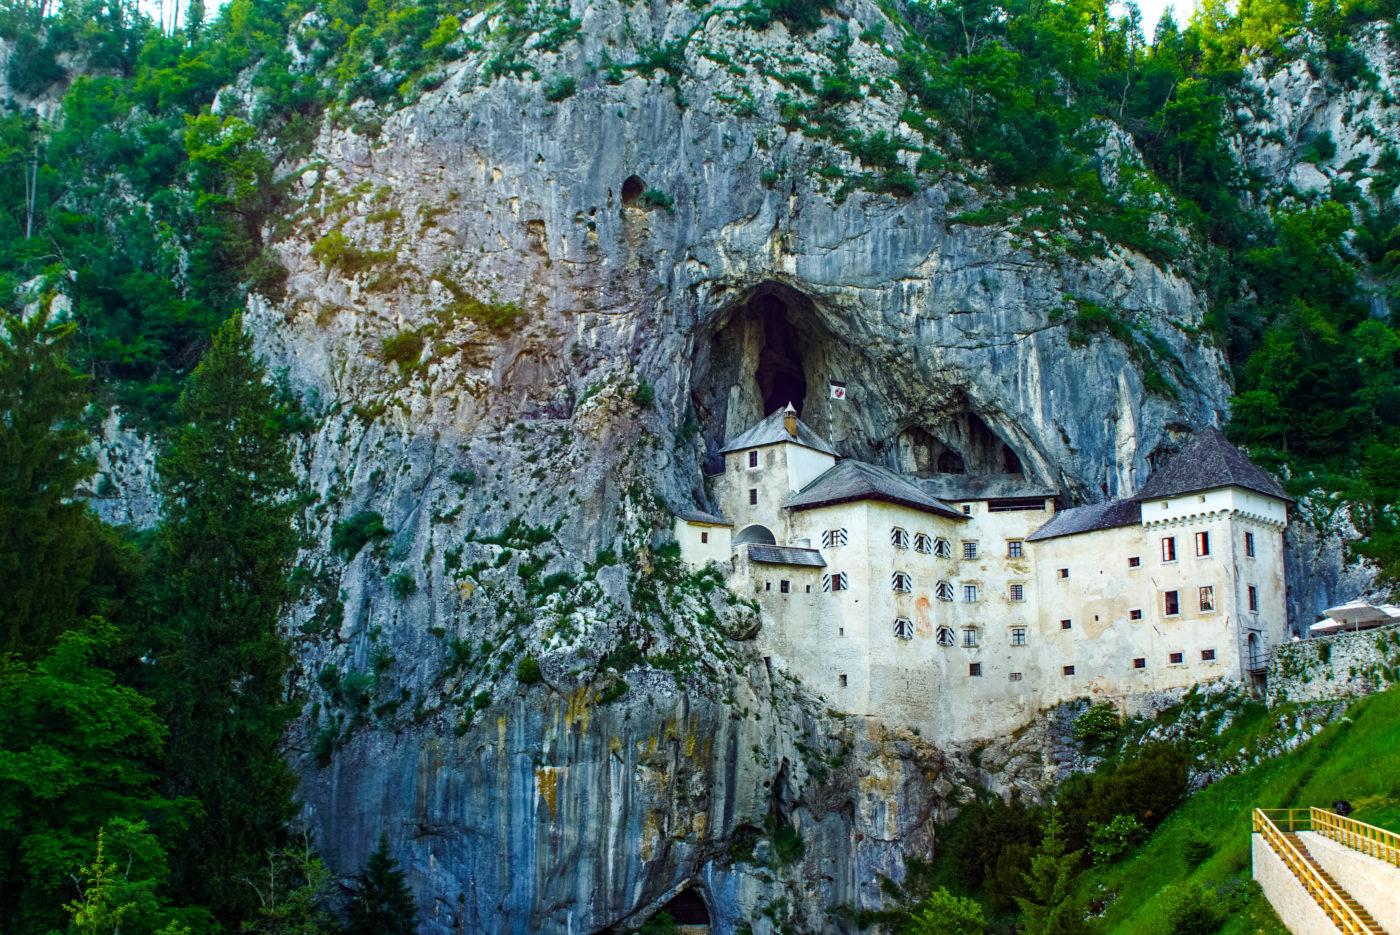 Es ist die Höhlenburg Predjama zu sehen wie sie sich an den Felsen schmiegt